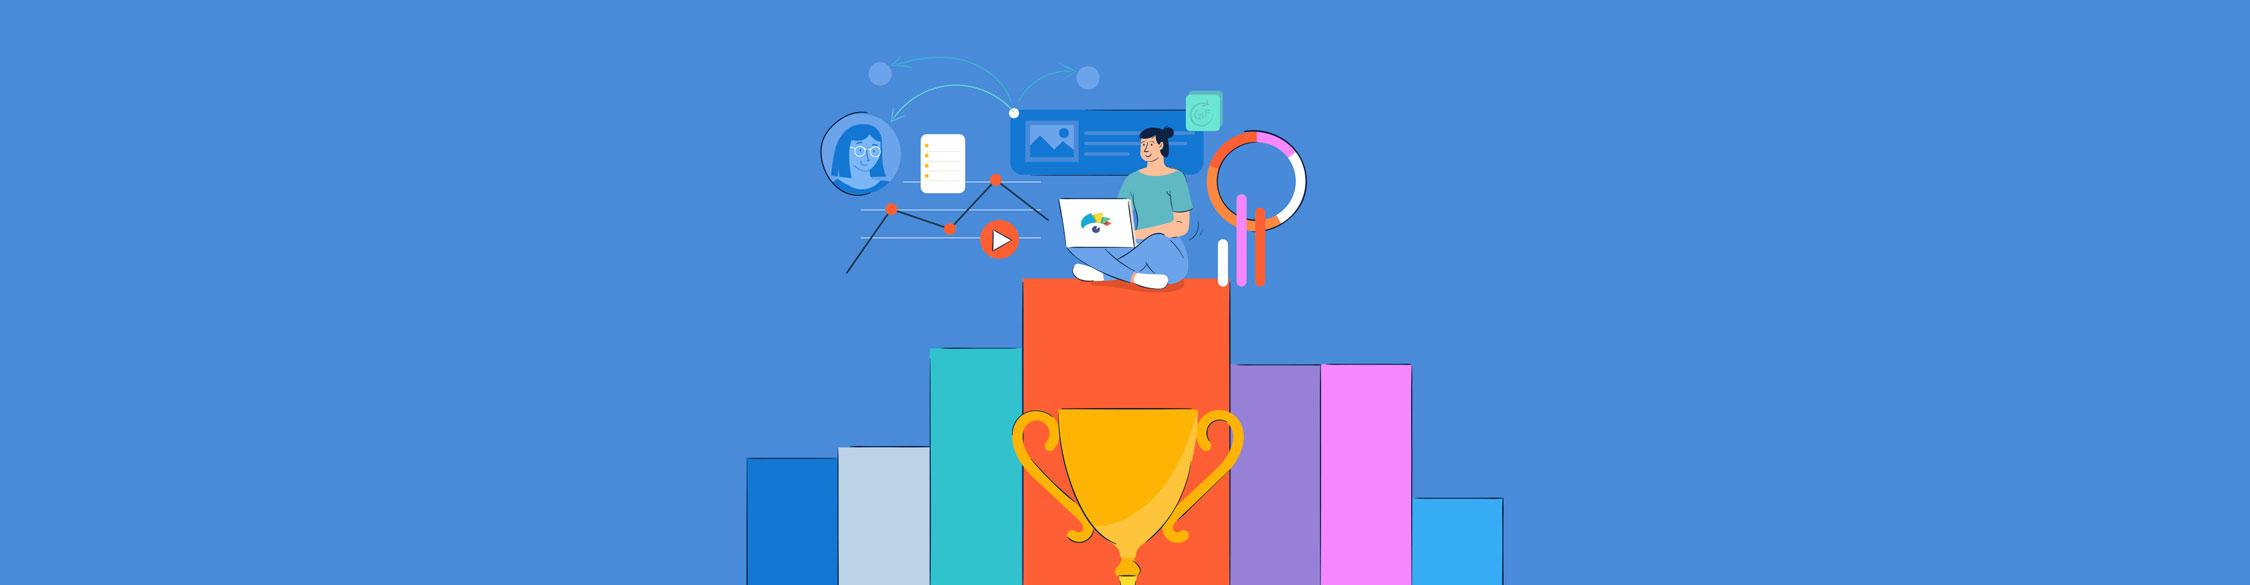 design tools - header